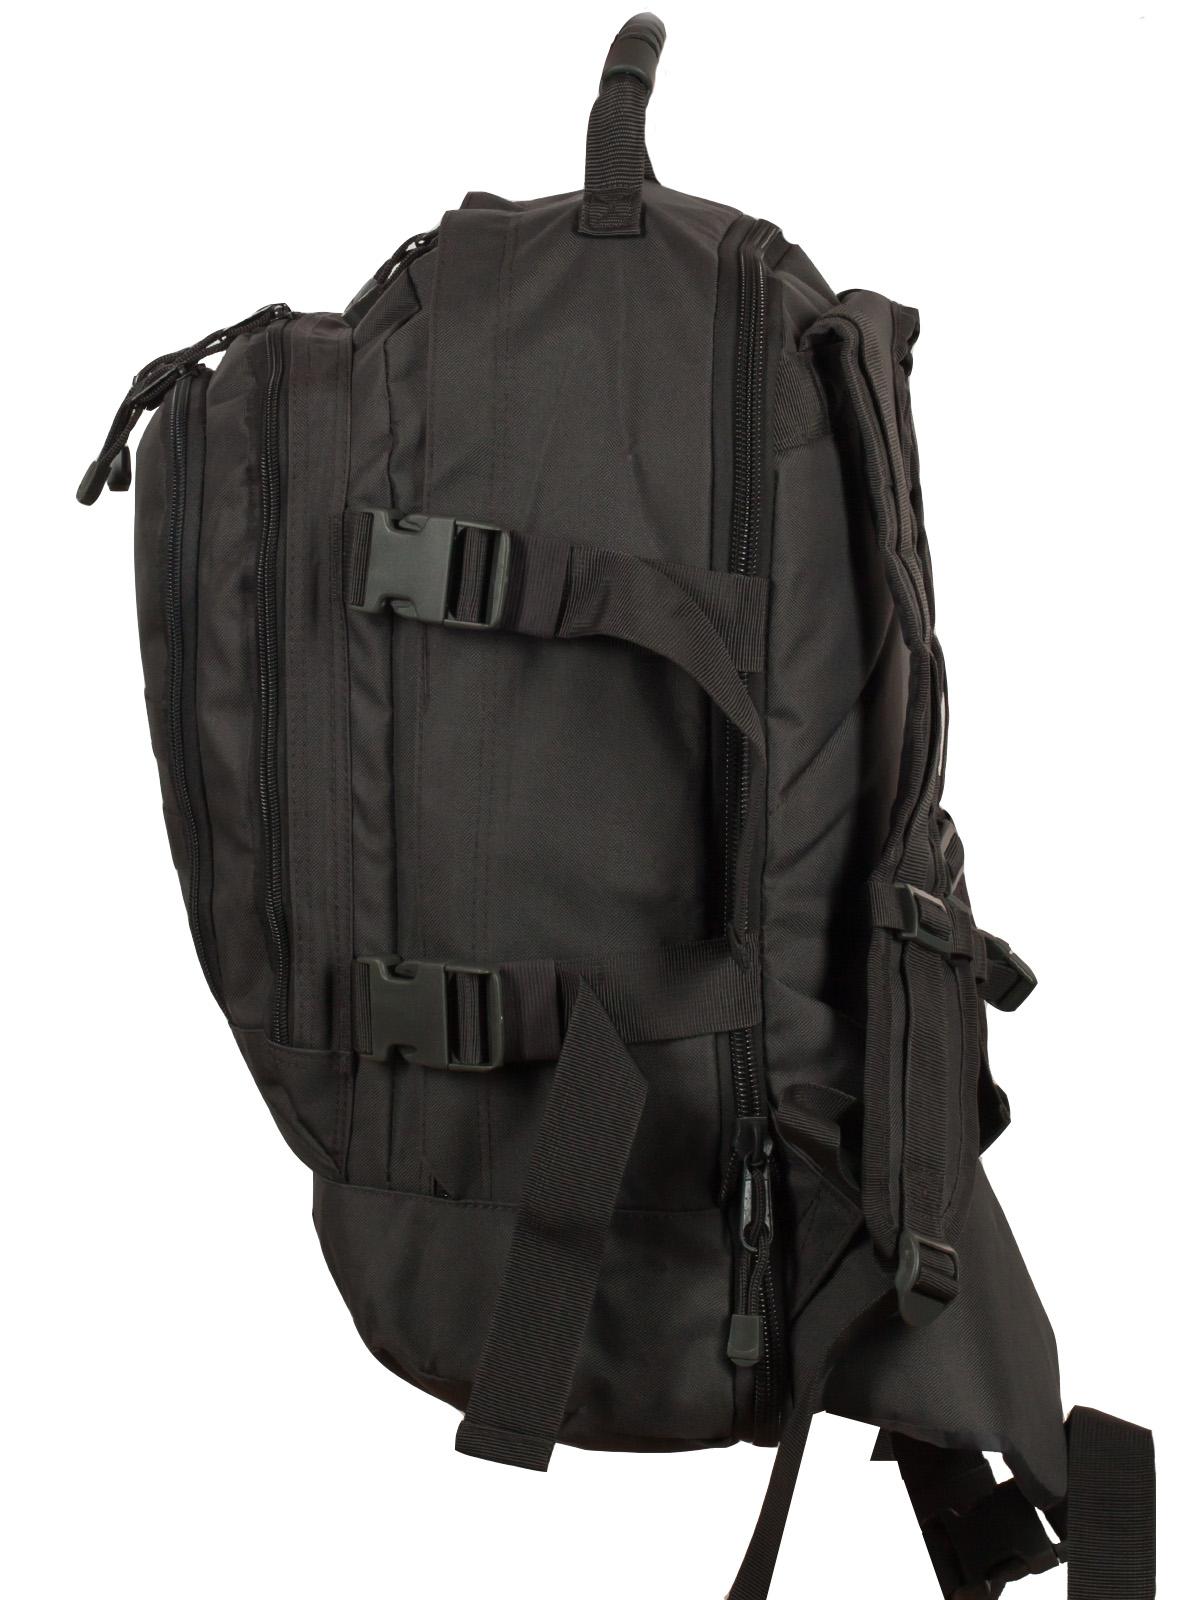 Универсальный рюкзак для города и полевых выходов 3-Day Expandable Backpack 08002A Dark Grey с эмблемой МВД заказать в Военпро